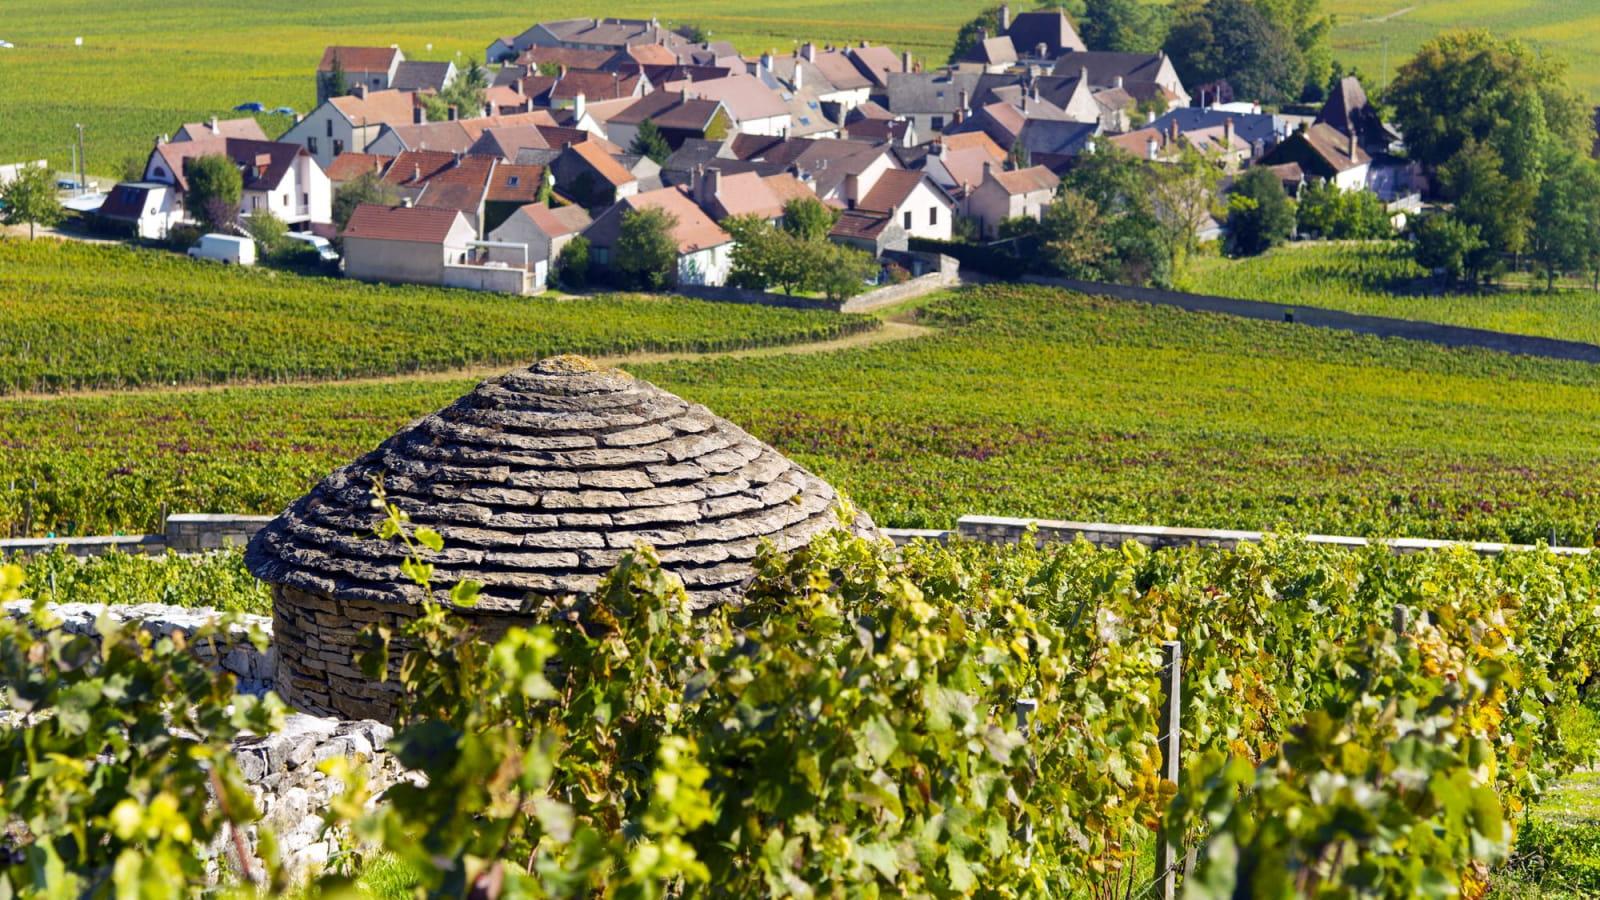 Village de Morey-Saint-Denis sur la Route des grands crus de Bourgogne